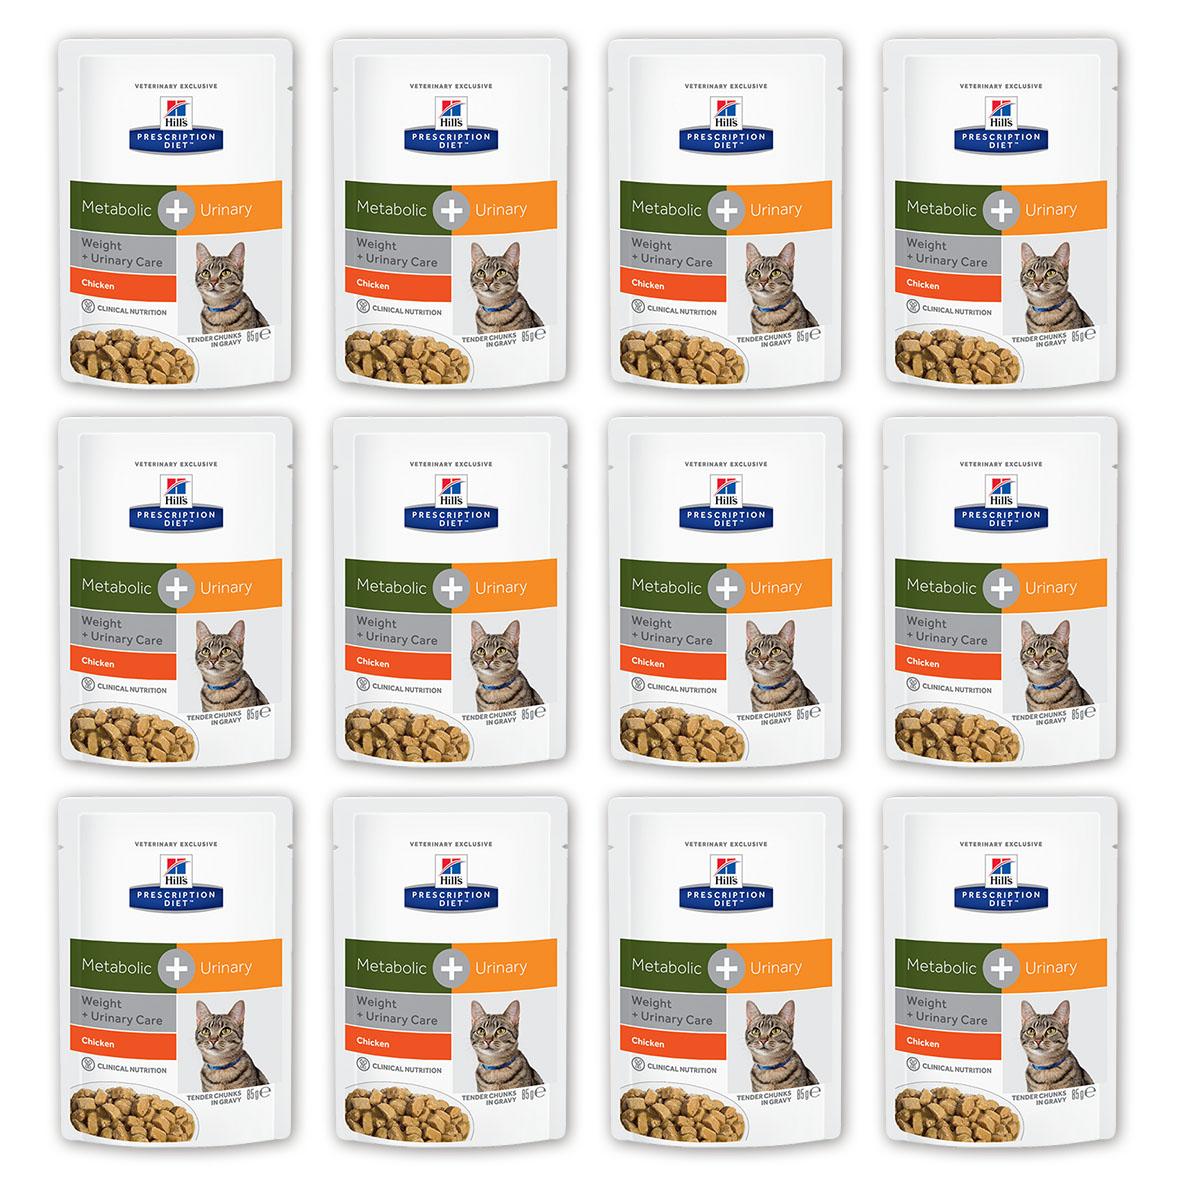 Консервы для кошек Hills Metabolic + Urinary, для коррекции веса при урологических заболеваниях, с курицей, 85 г, 12 шт10048_12Консервы Hills Metabolic + Urinary - полноценный диетический рацион с клинически доказанной способностью уменьшать вероятность повторного проявления основных признаков заболеваний нижнего отдела мочевыводящих путей, и снижать вес на 11% за 60 дней. Ключевые преимущества- Комплекс нутриентов c клинически доказанной эффективностью в рационе Metabolic + Urinary учитывает индивидуальные энергетические потребности кошки, оптимизируя процесс сжигания жиров и влияя на эффективное использование калорий -Позволяет избежать повторного набора веса после прохождения программы по снижению веса- Клинически доказано: эффективно растворяет струвиты - Помогает вашей кошке оставаться сытой и удовлетворенной между кормлениями- Превосходный вкус, который понравится любой кошке.Рационы Hills Prescription Diet клинически протестированы, разработаны для поддержания и коррекции состояния у животных, имеющих проблемы со здоровьем при сохранении превосходных вкусовых характеристик. Состав: Мясо и производные животного происхождения, производные растительного происхождения, злаки, овощи, различные сахара, масла и жиры, экстракт растительного протеина, минералы, DL-метионин. Анализ: протеин 7,5 %, жиры 2,6 %, клетчатка (общая) 2,1 %, зола 1,1%, влага 81,0 %, кальций 0,15 %, фосфор 0,14 %, натрий 0,07 %, калий 0,13 %, магний 0,001 %, хлорид 0,16 %, сера 0,14 %.Добавки: витамин Е10 130 мг/кг, бета-каротин 0,3 мг/кг, таурин 535 мг, витамин D3 200 ме, железо 32,4 мг, йод 0,6 мг, медь 6,9 мг, марганец 3 мг, цинк 34,2 мг. Окрашено натуральной карамелью. Метаболизируемая энергия (расчет): 2,9 МДж/кг.Уважаемые клиенты! Обращаем ваше внимание на возможные изменения в дизайне упаковки. Качественные характеристики товара остаются неизменными. Поставка осуществляется в зависимости от наличия на складе.